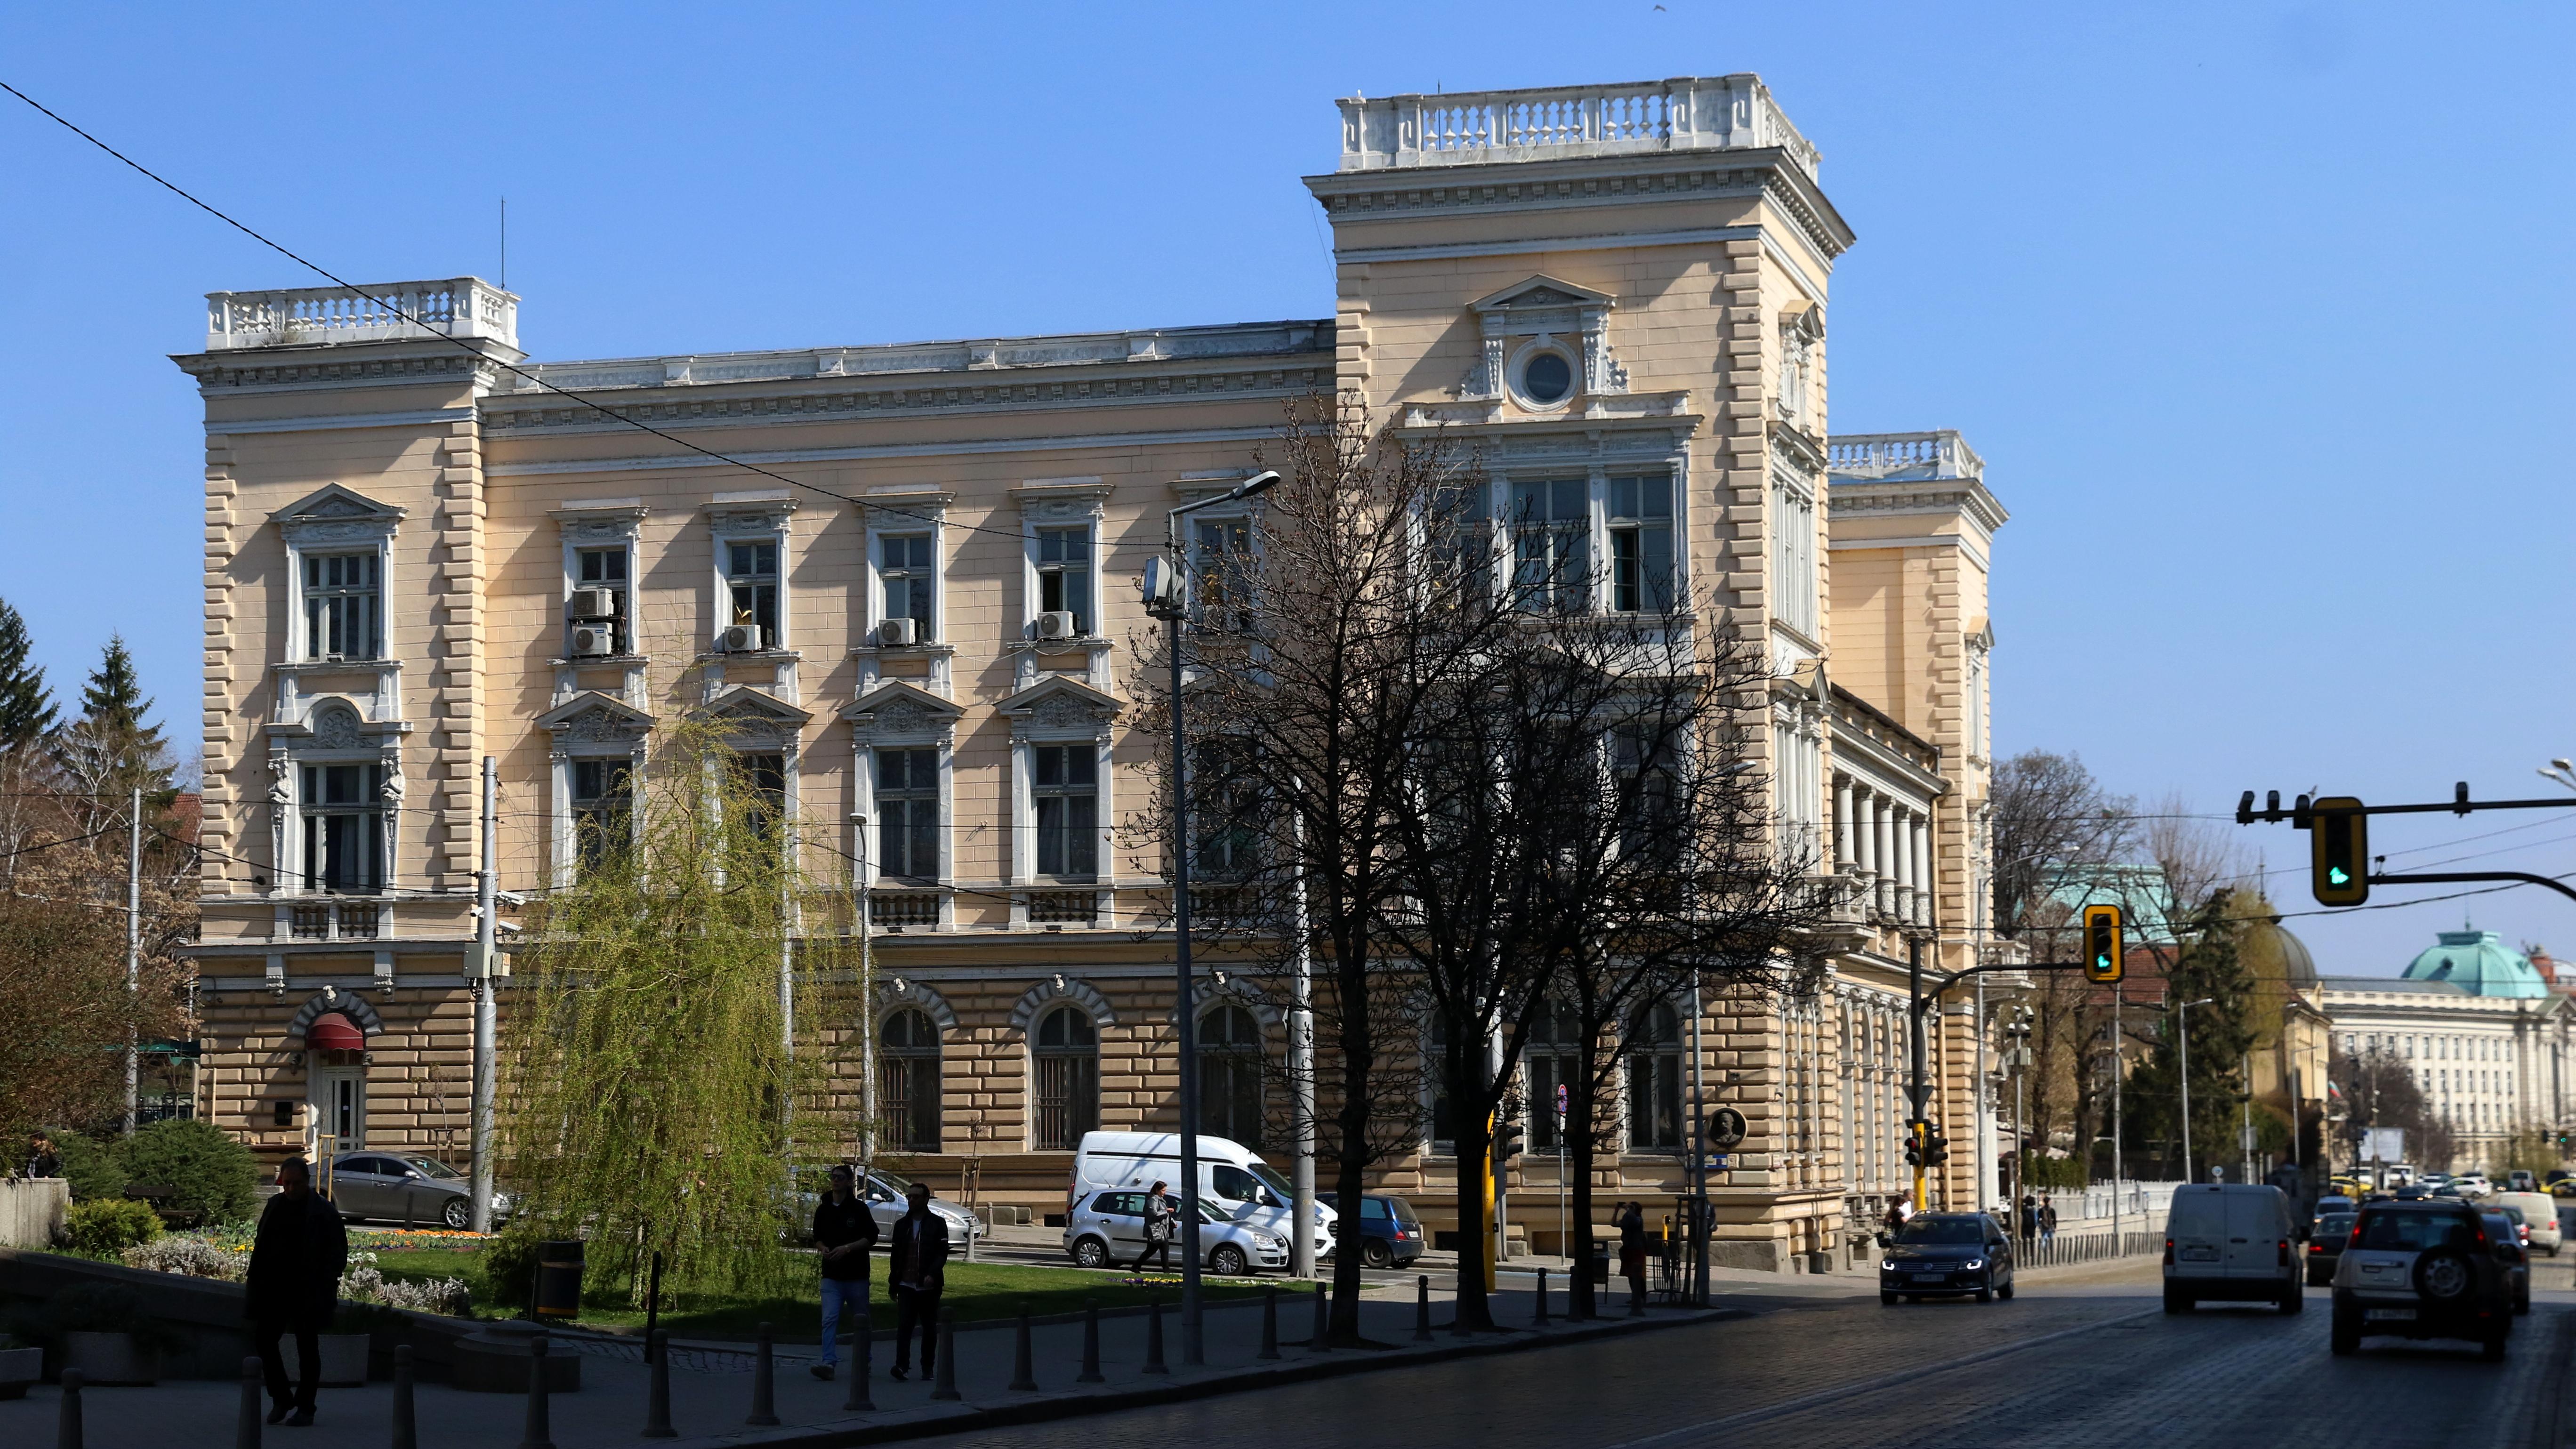 Централният военен клуб. Замислена и градена, сградата е по проект на чешкия архитект Антонин Колар в стил Неоренесанс, сградата е завършена цялостно от българския архитект Никола Лазаров през 1907 година.